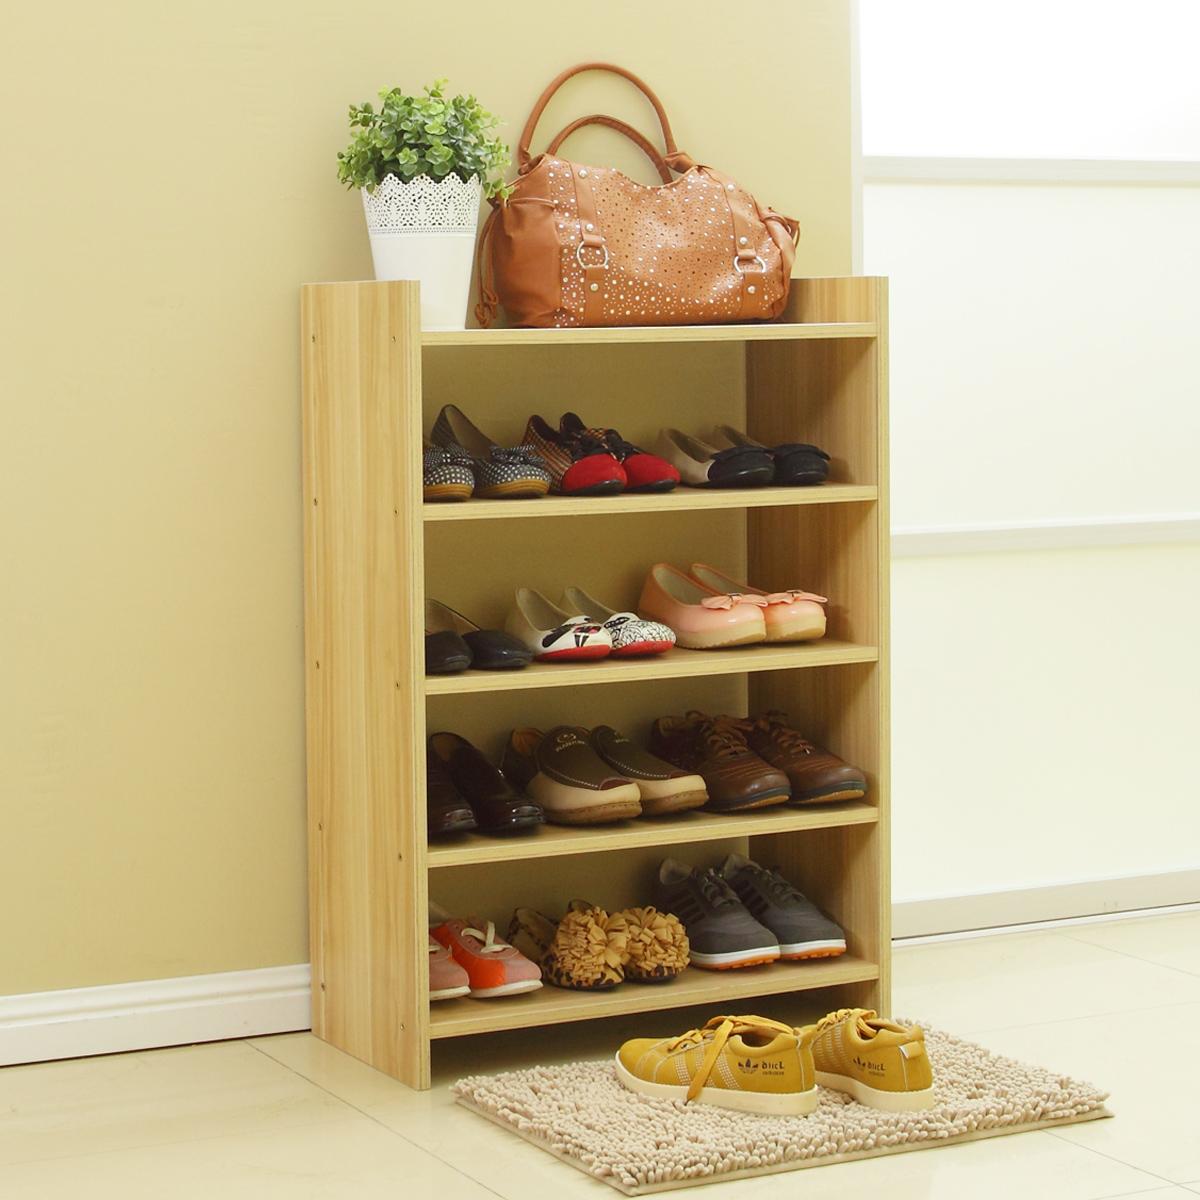 этажерки для обуви своими руками фото этом многообразии сложно